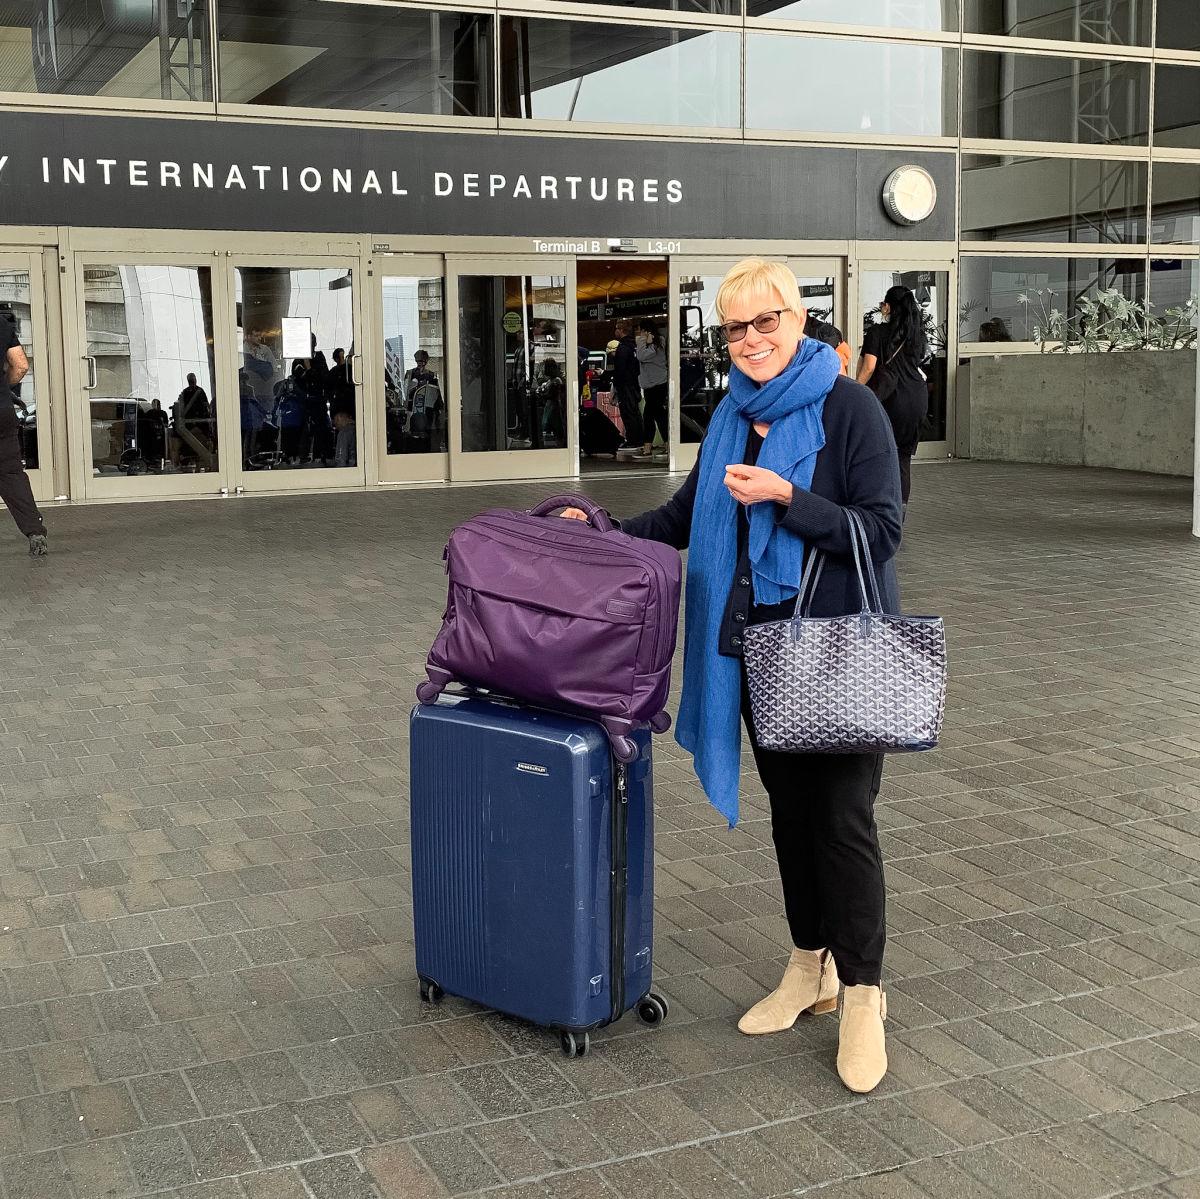 Susan B of une femme d'un certain age dressed comfortably for a long haul flight.